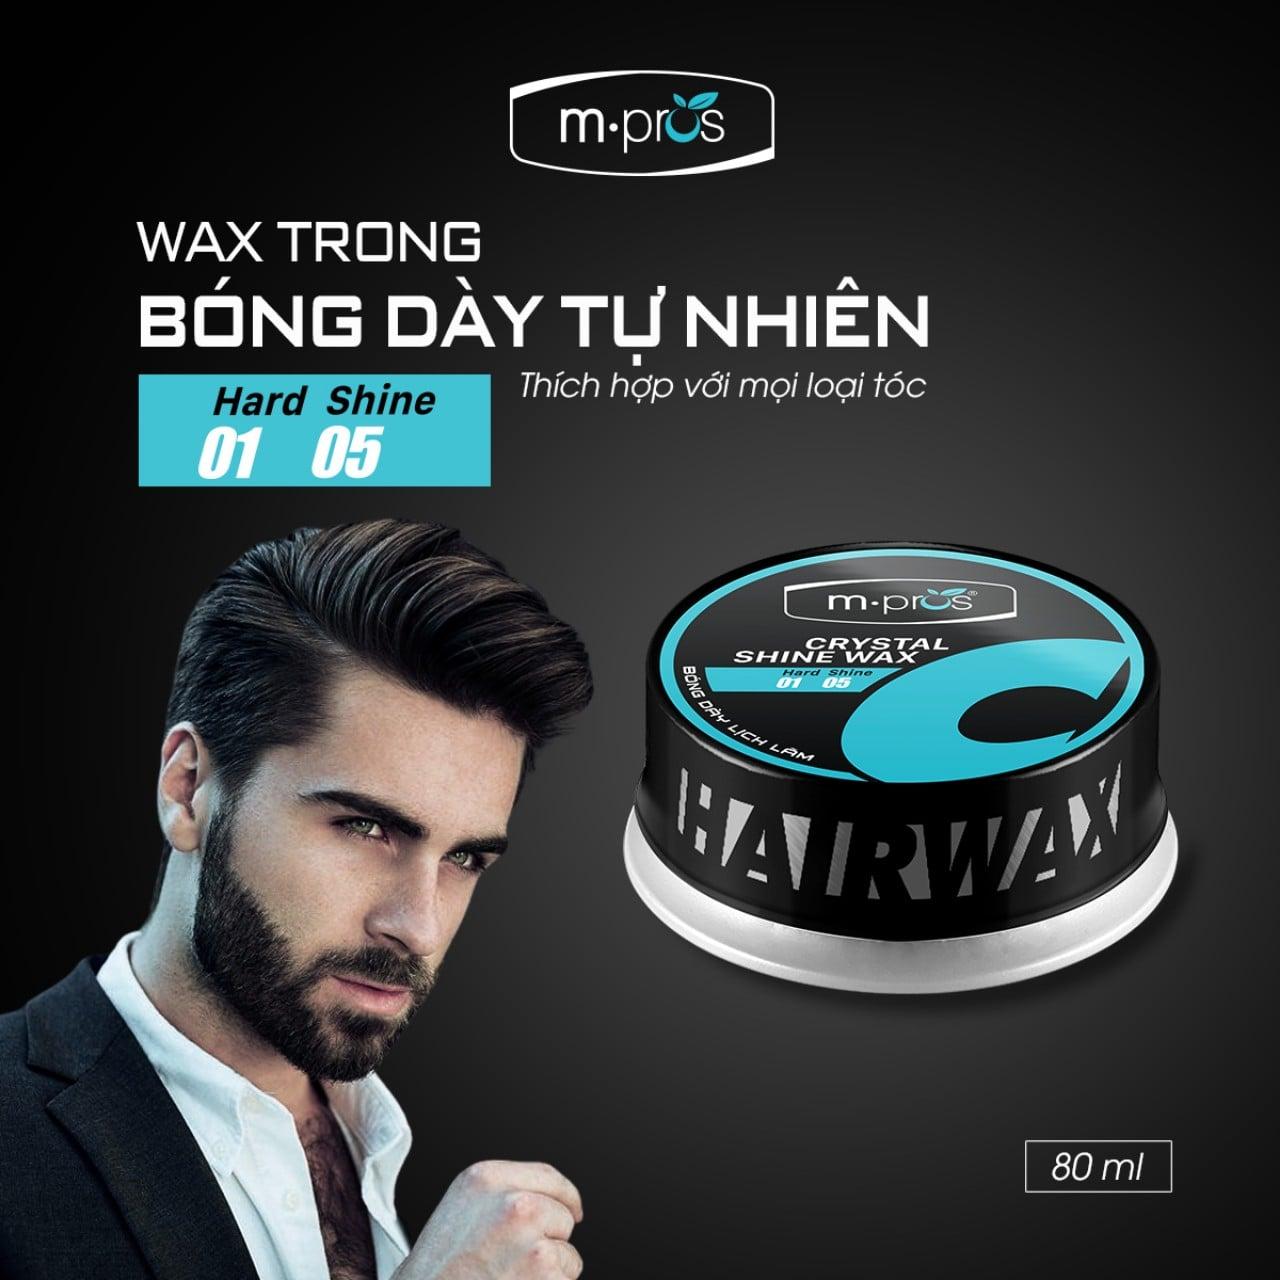 Wax trong của M.Pros sự lựa chọn giúp bạn có mái tóc hoàn hảo